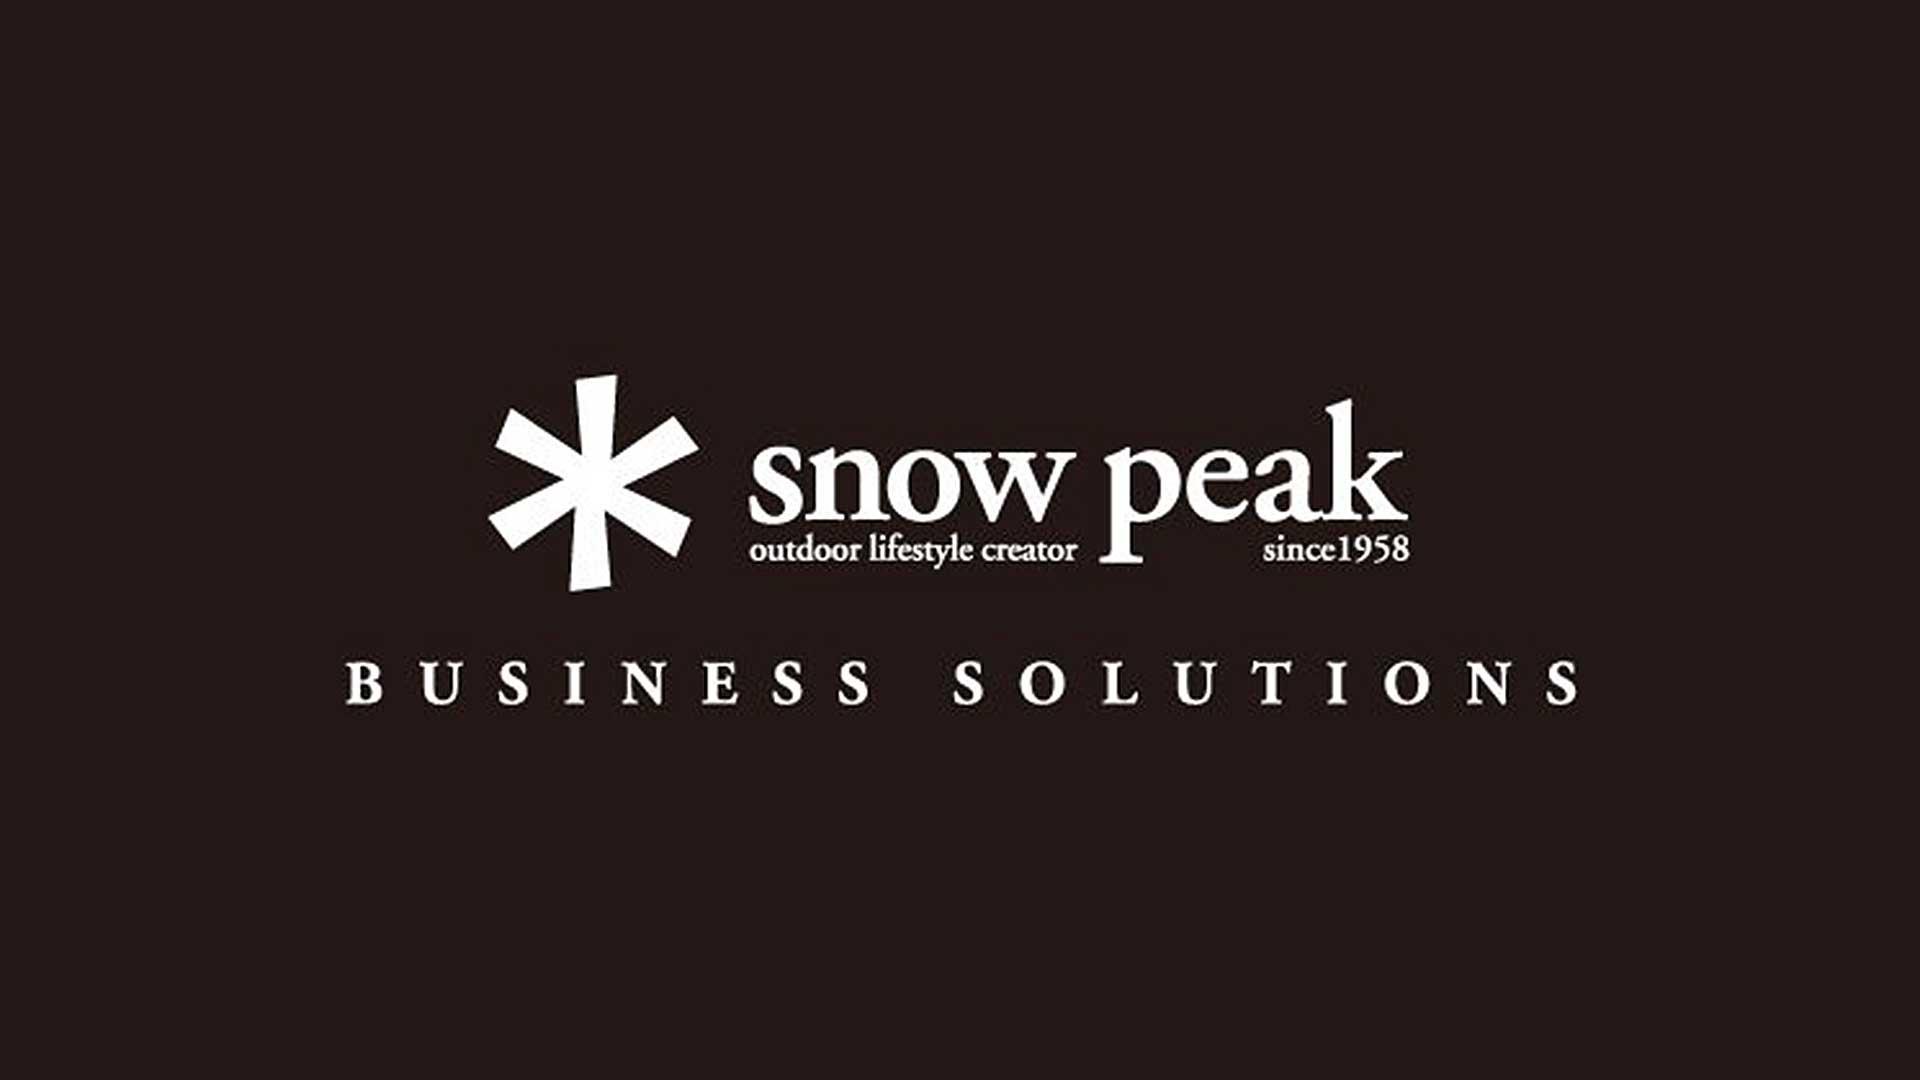 スノーピークの大丸松坂屋のアイキャッチ画像のロゴ